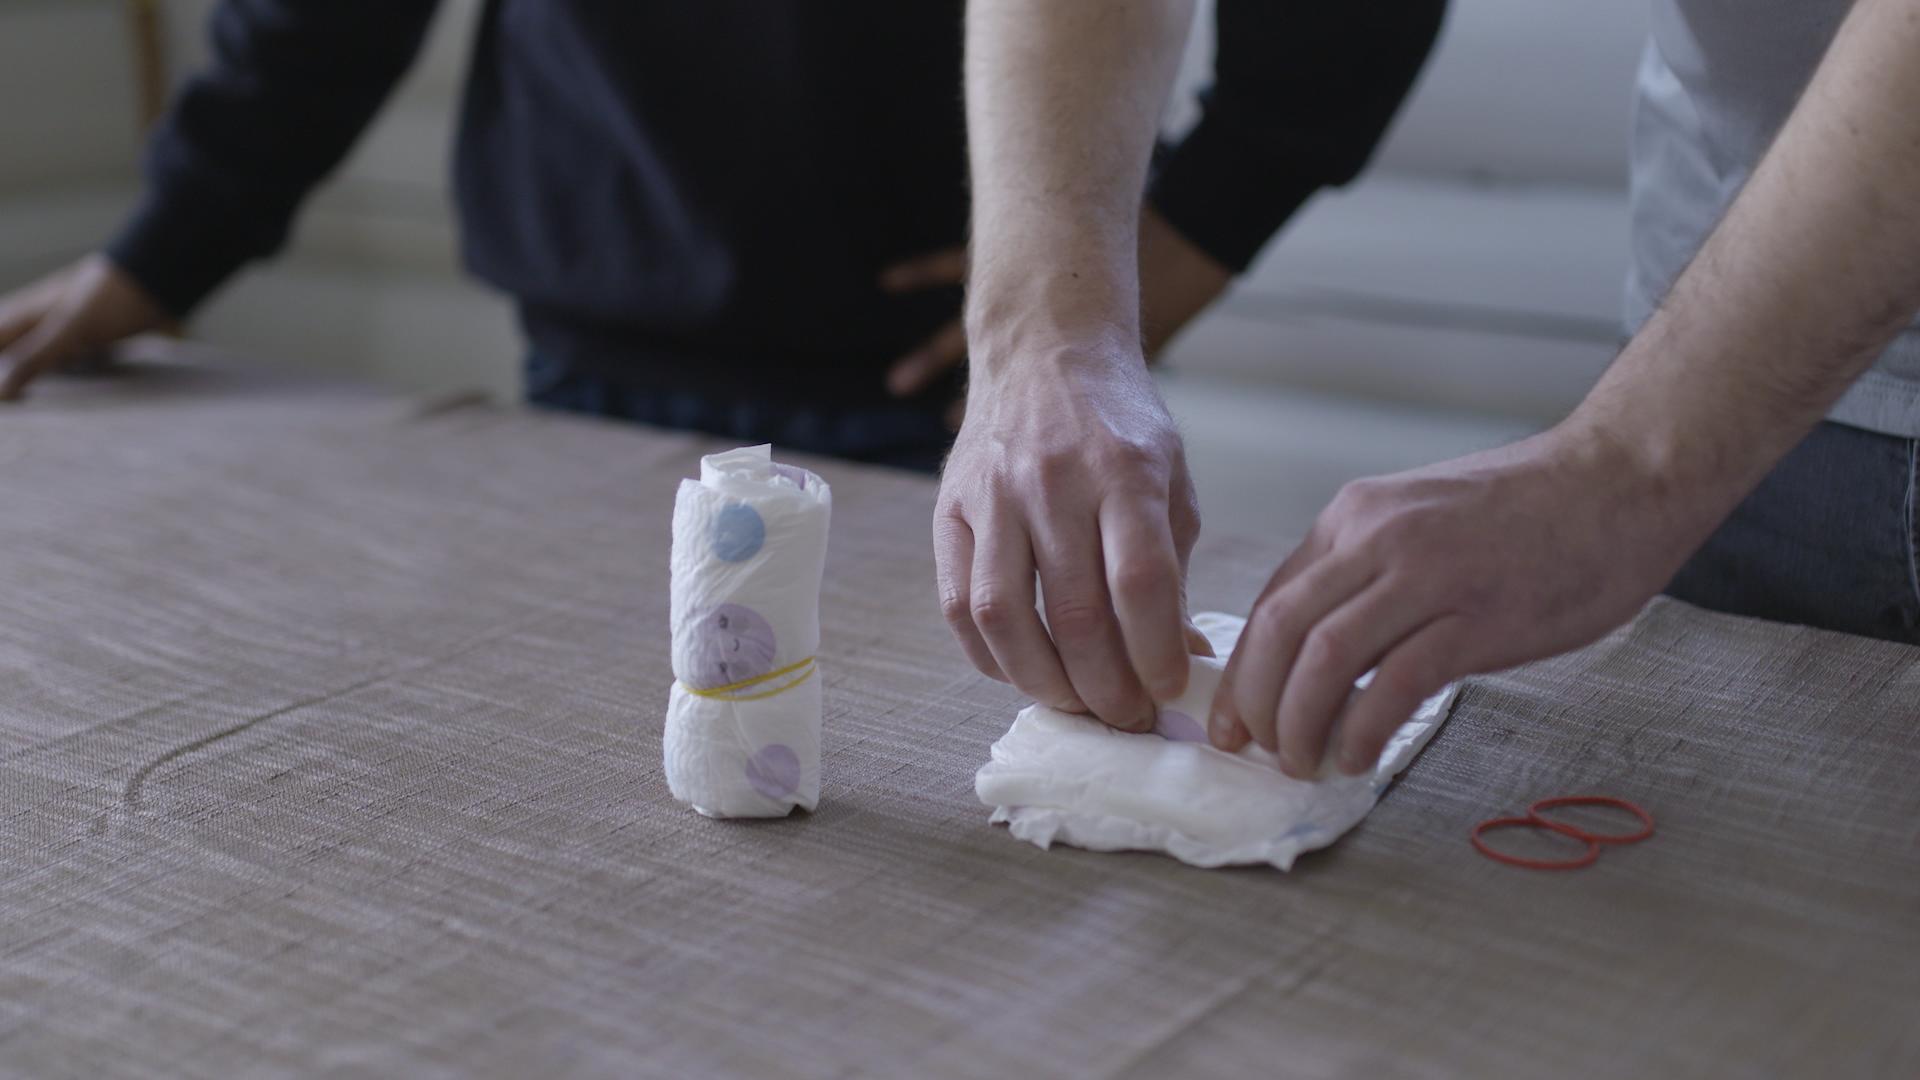 Rull sammen en bleie og sett strikk rundt. Gjør dette med tre bleier.